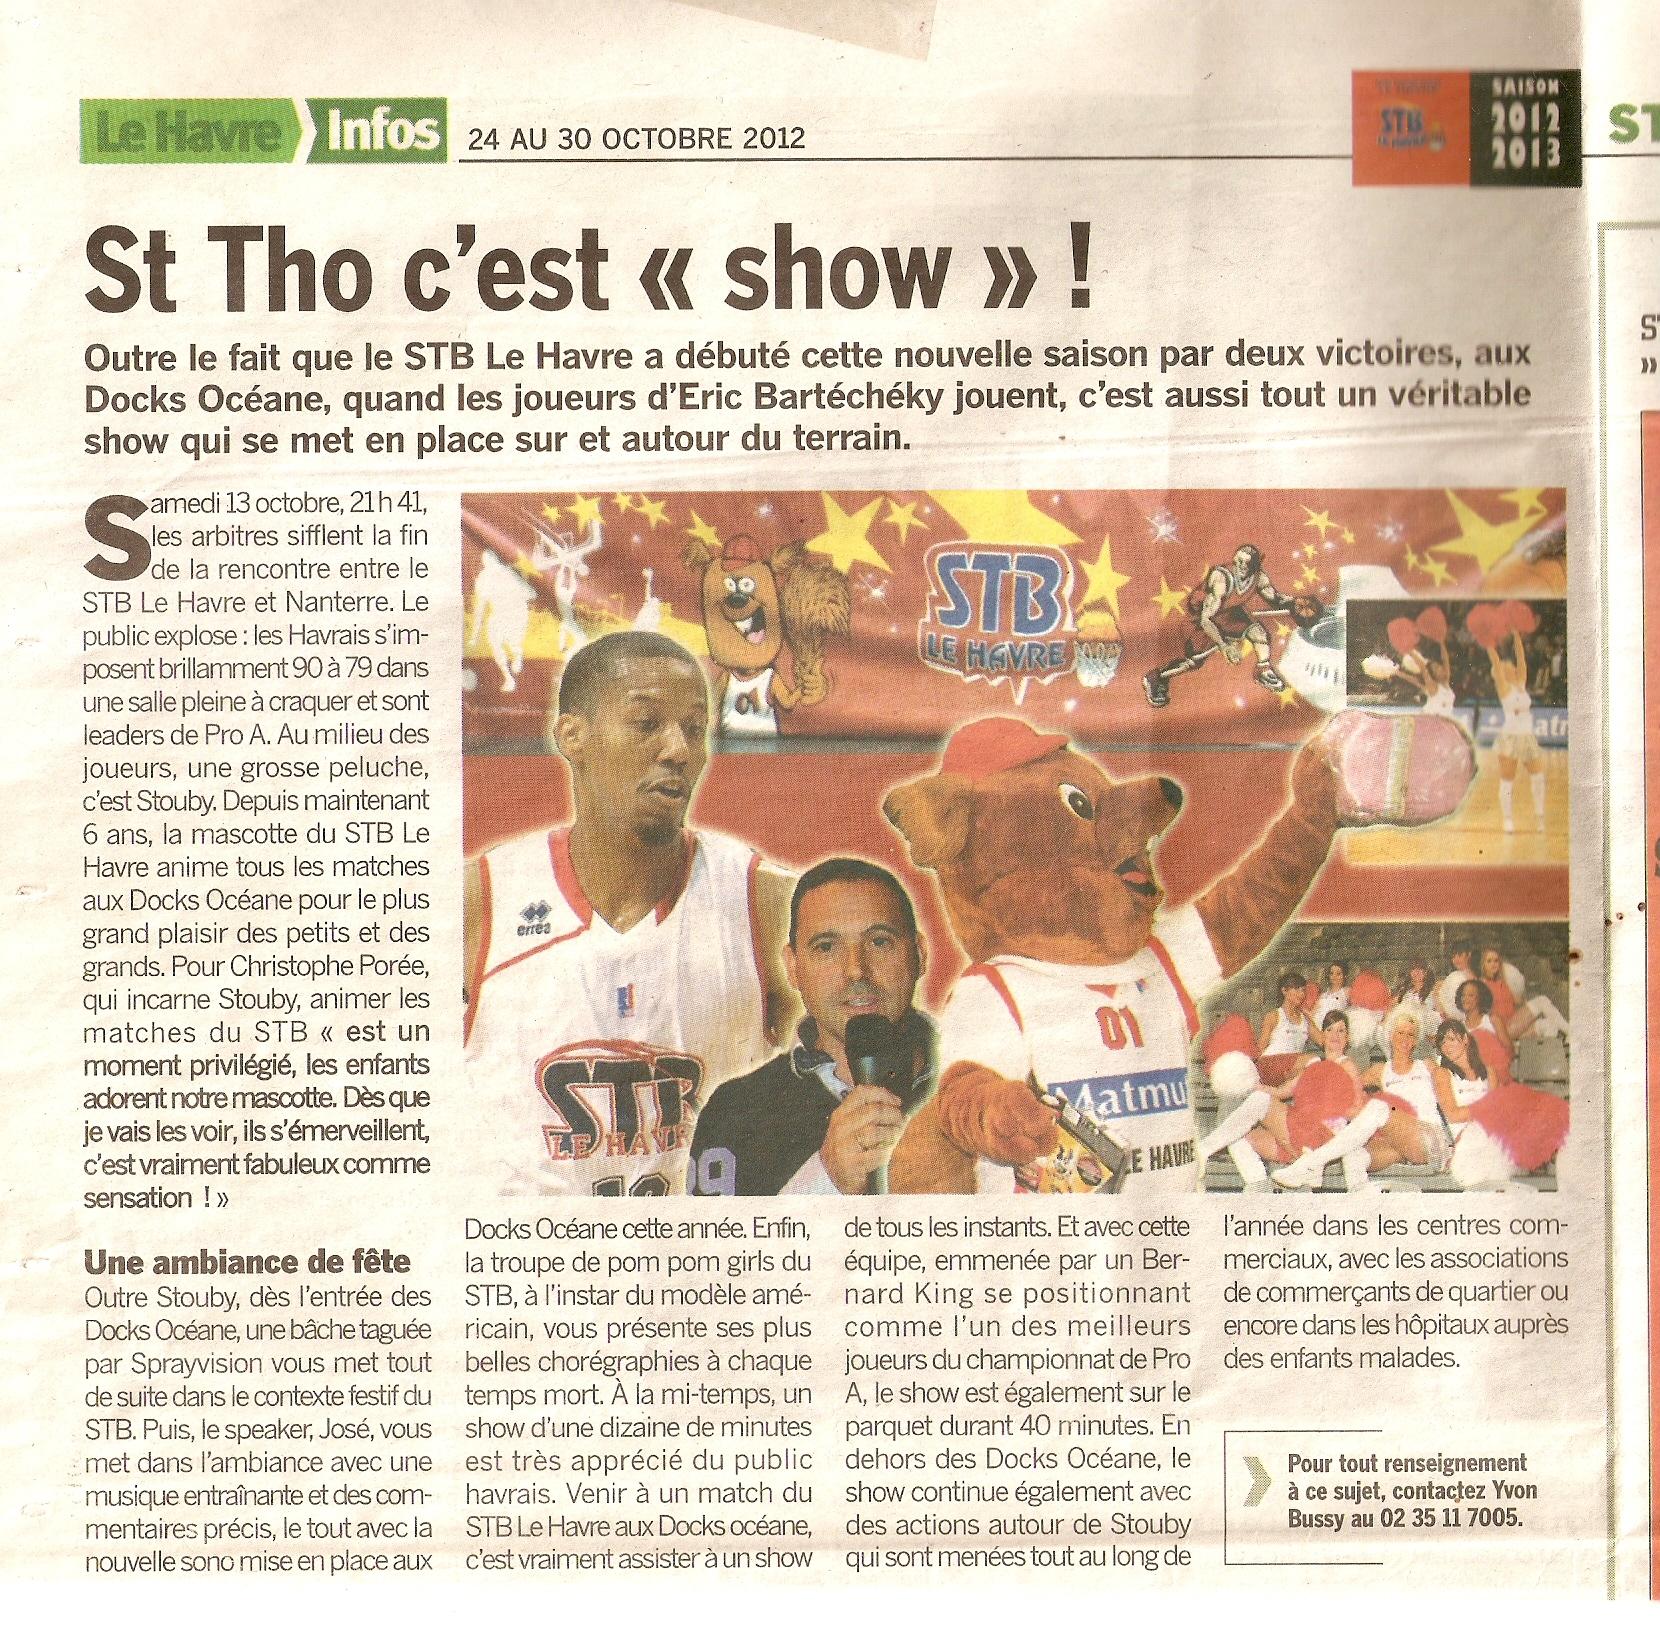 Partenariat avec Saint Thomas Basket